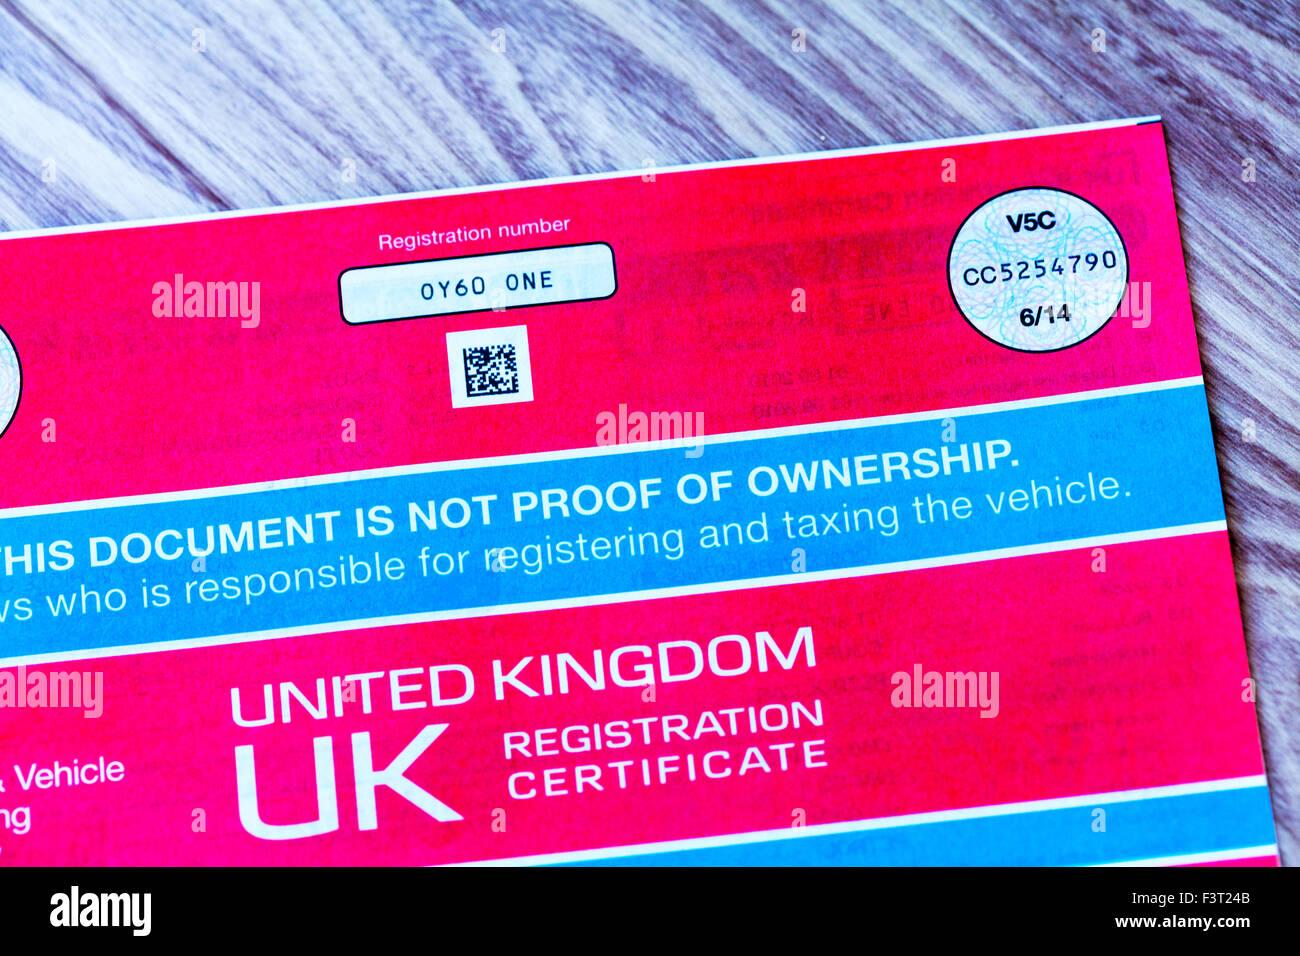 V5c coche documento certificado de registro de libro de registro de la prueba de propiedad del propietario uk inglaterra Foto de stock